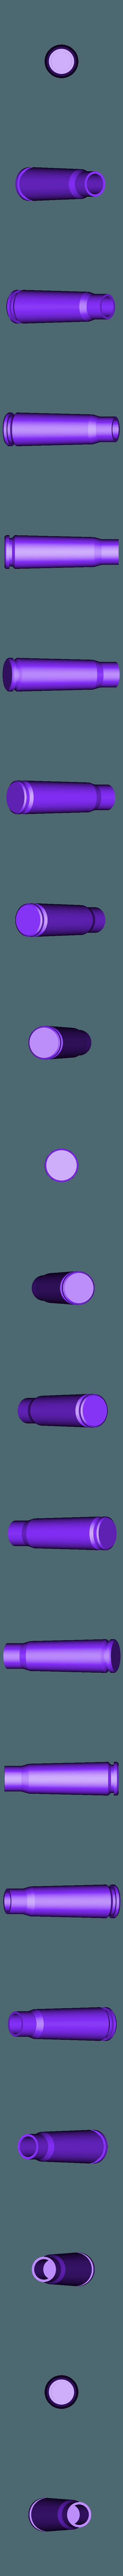 riffle_shell_7mm.stl Télécharger fichier STL gratuit Ma balle quotidienne (distributeur de capsules de 7 jours) • Design imprimable en 3D, dasaki